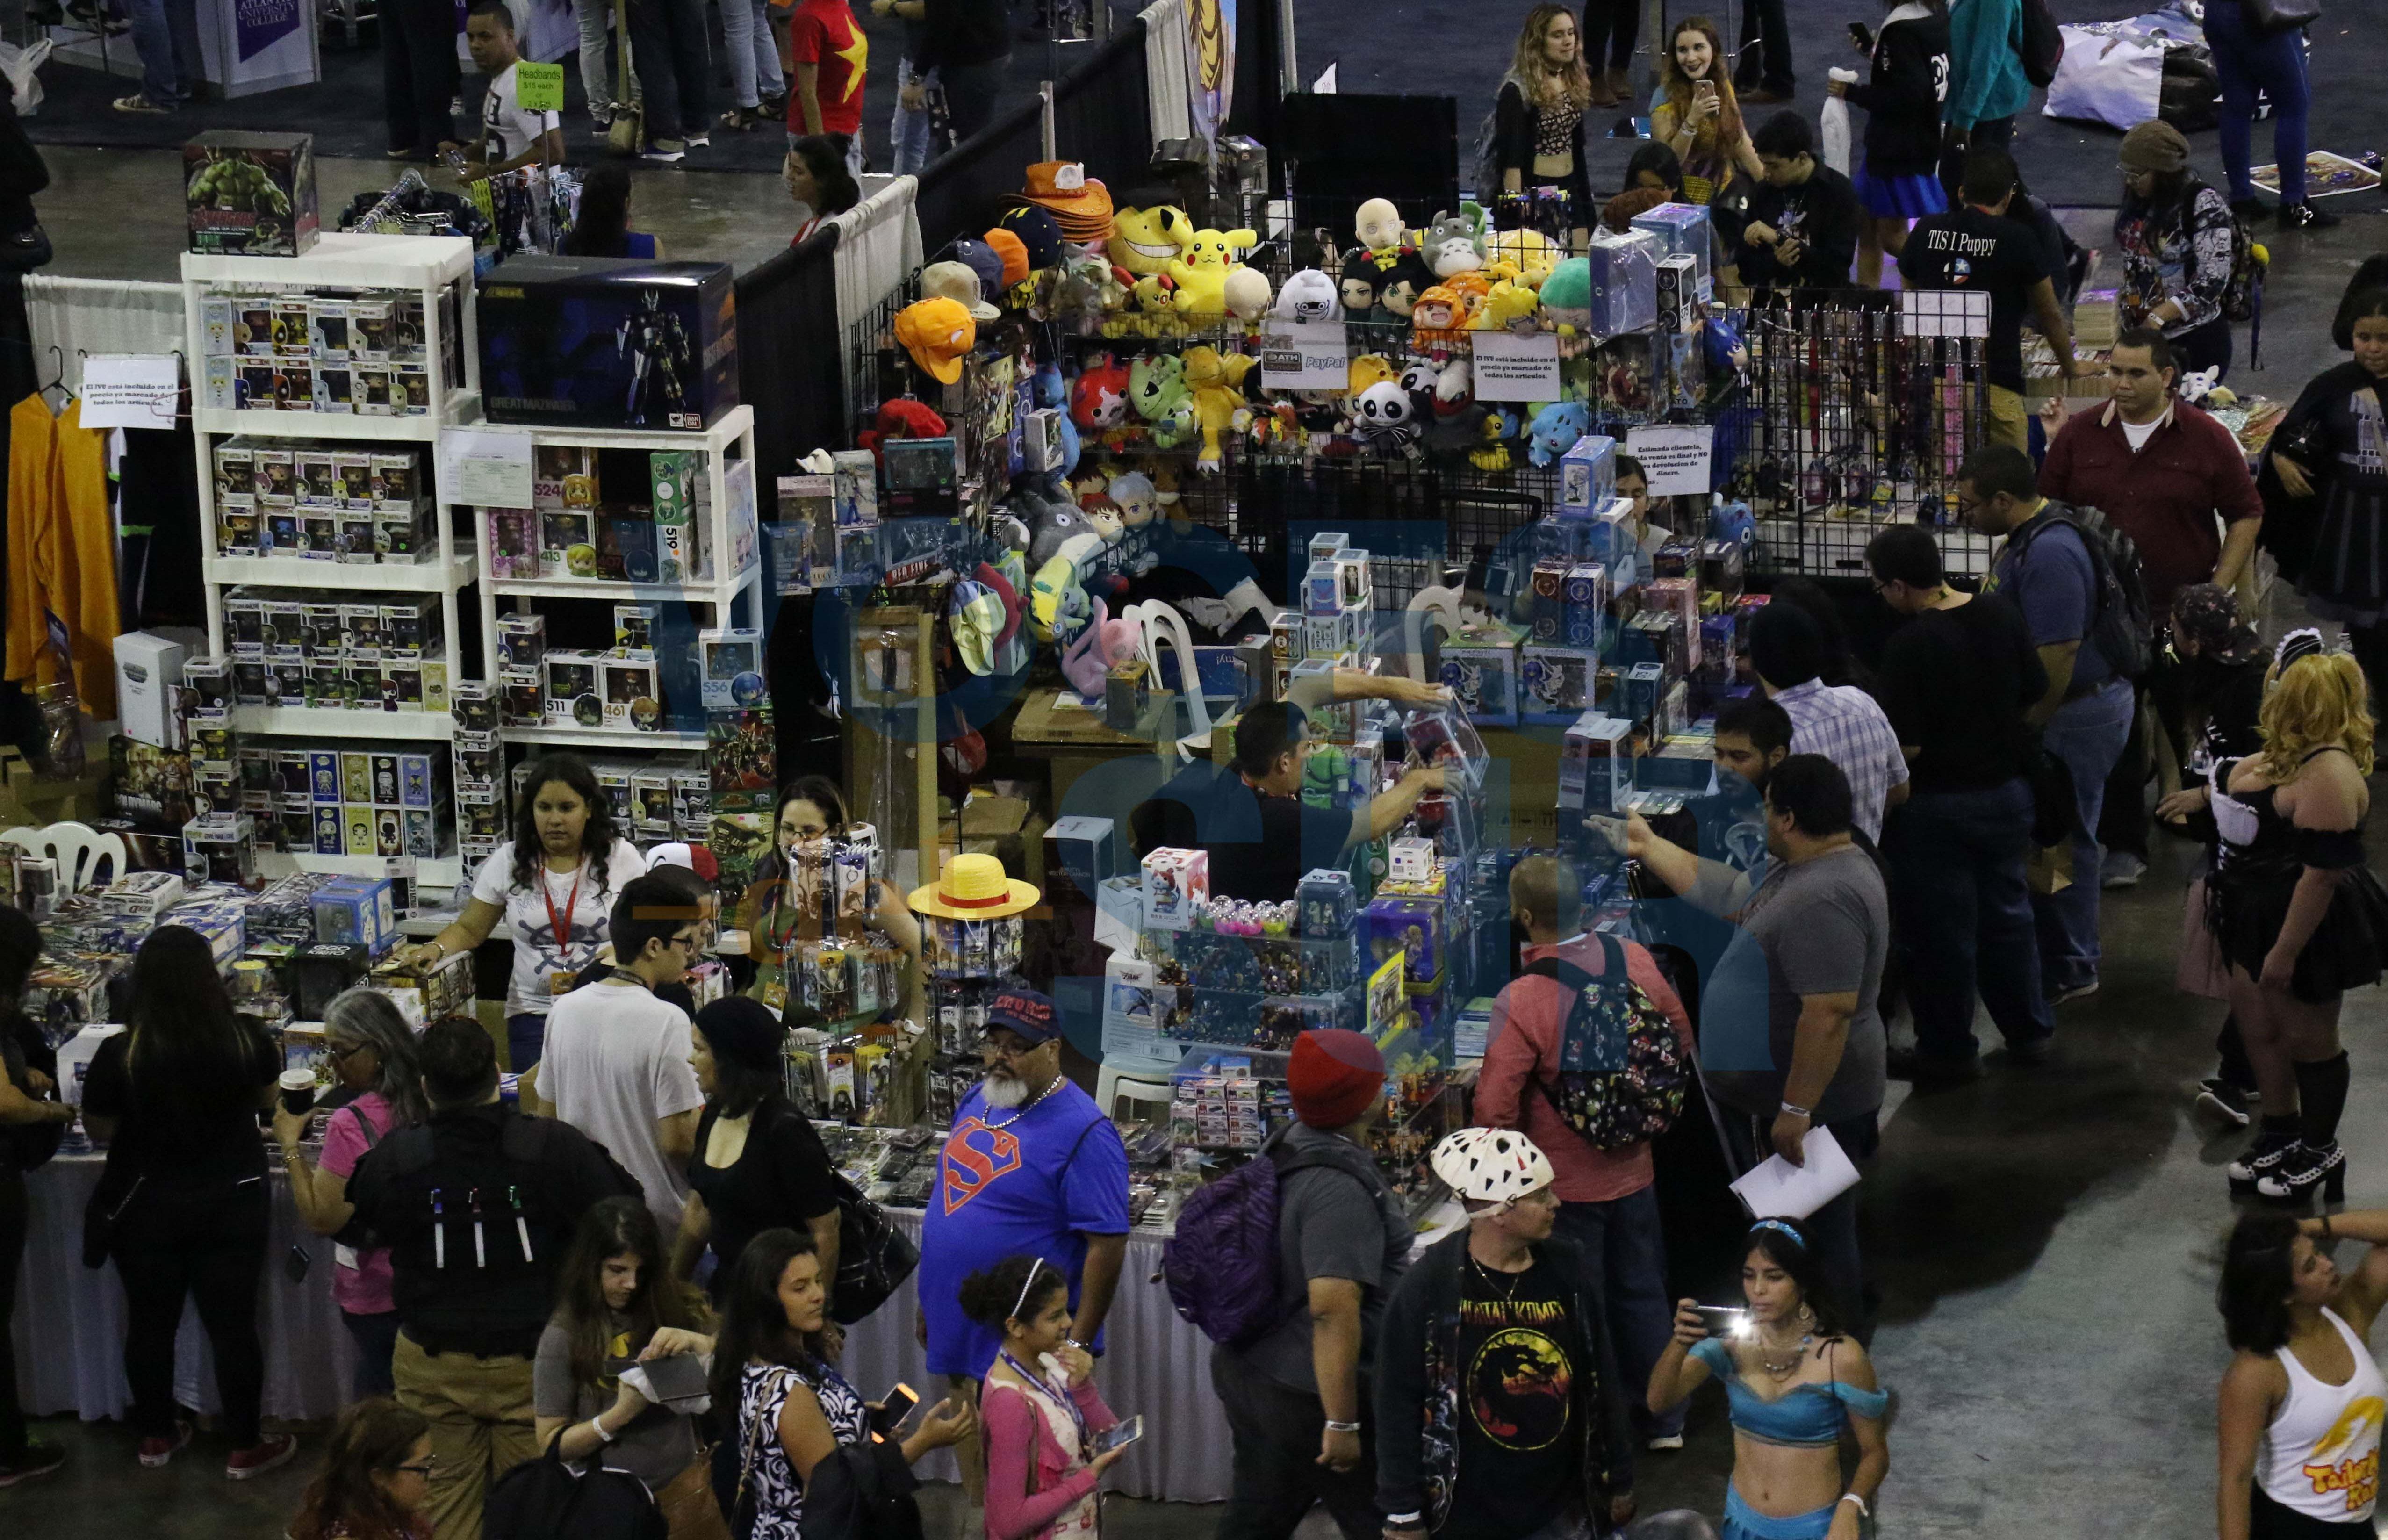 El público dio rienda suelta a su imaginación durante el Puerto RIco Comic Con.